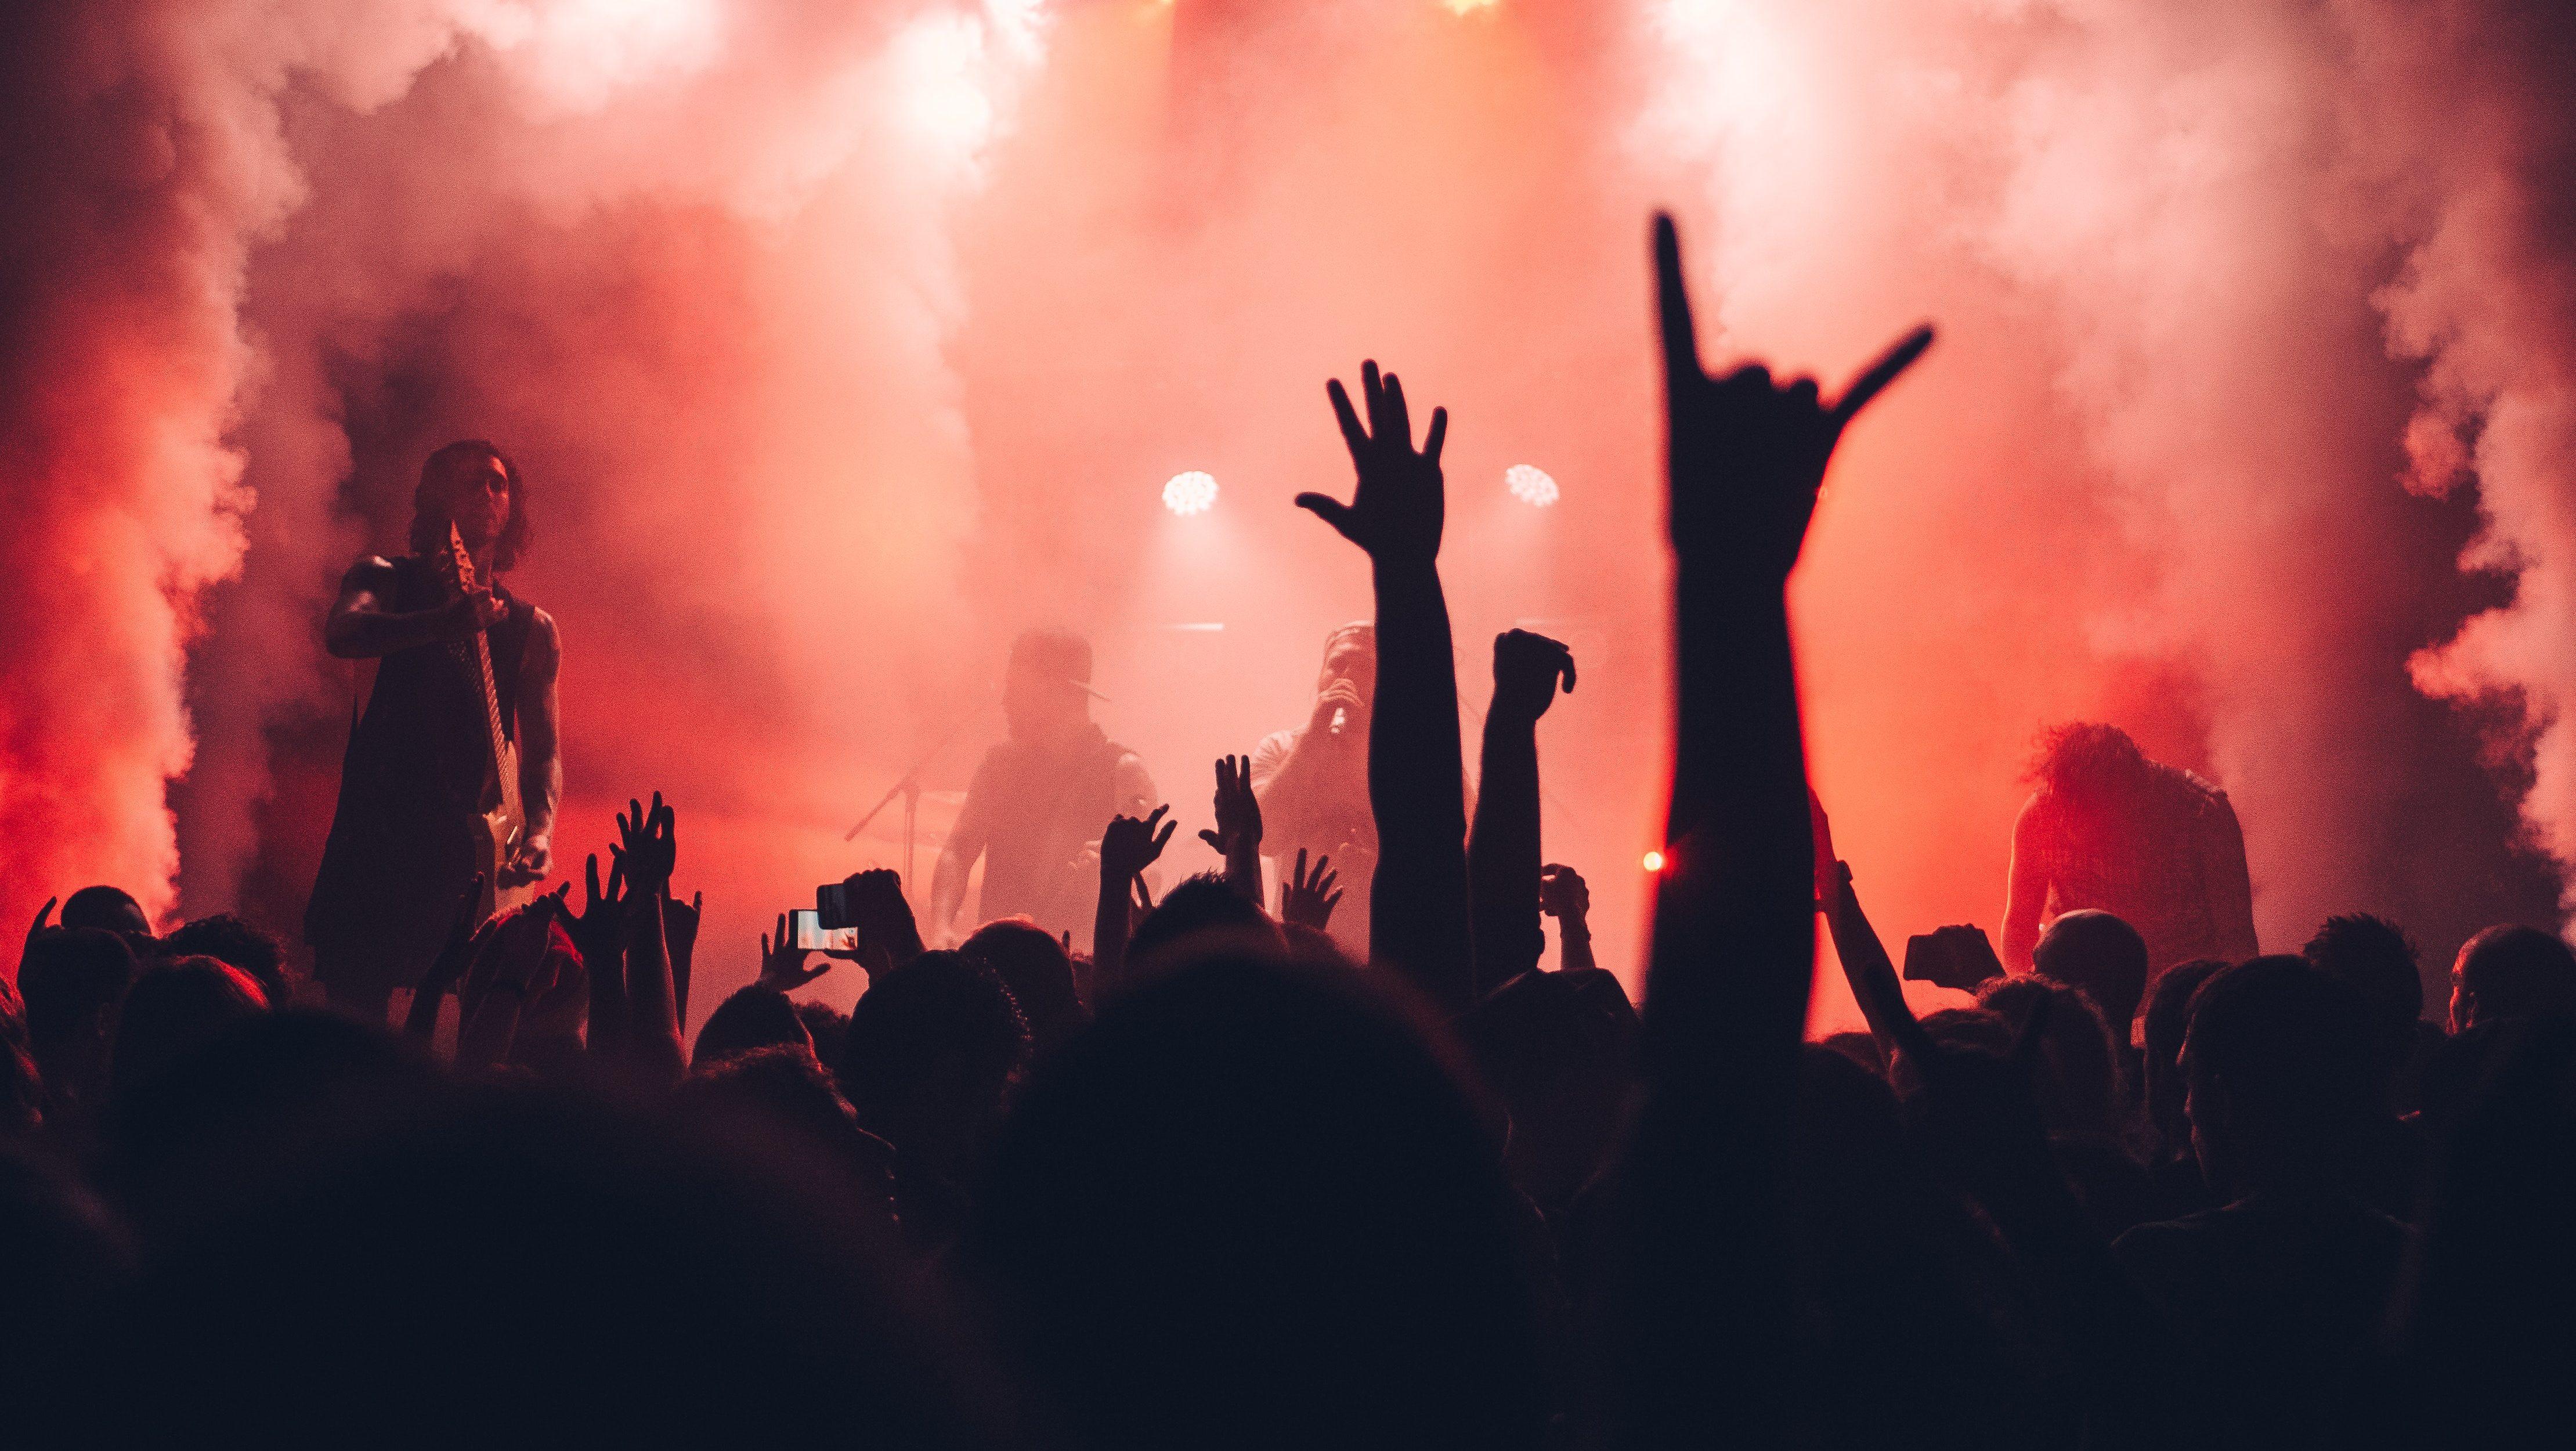 Un concierto de música en vivo.